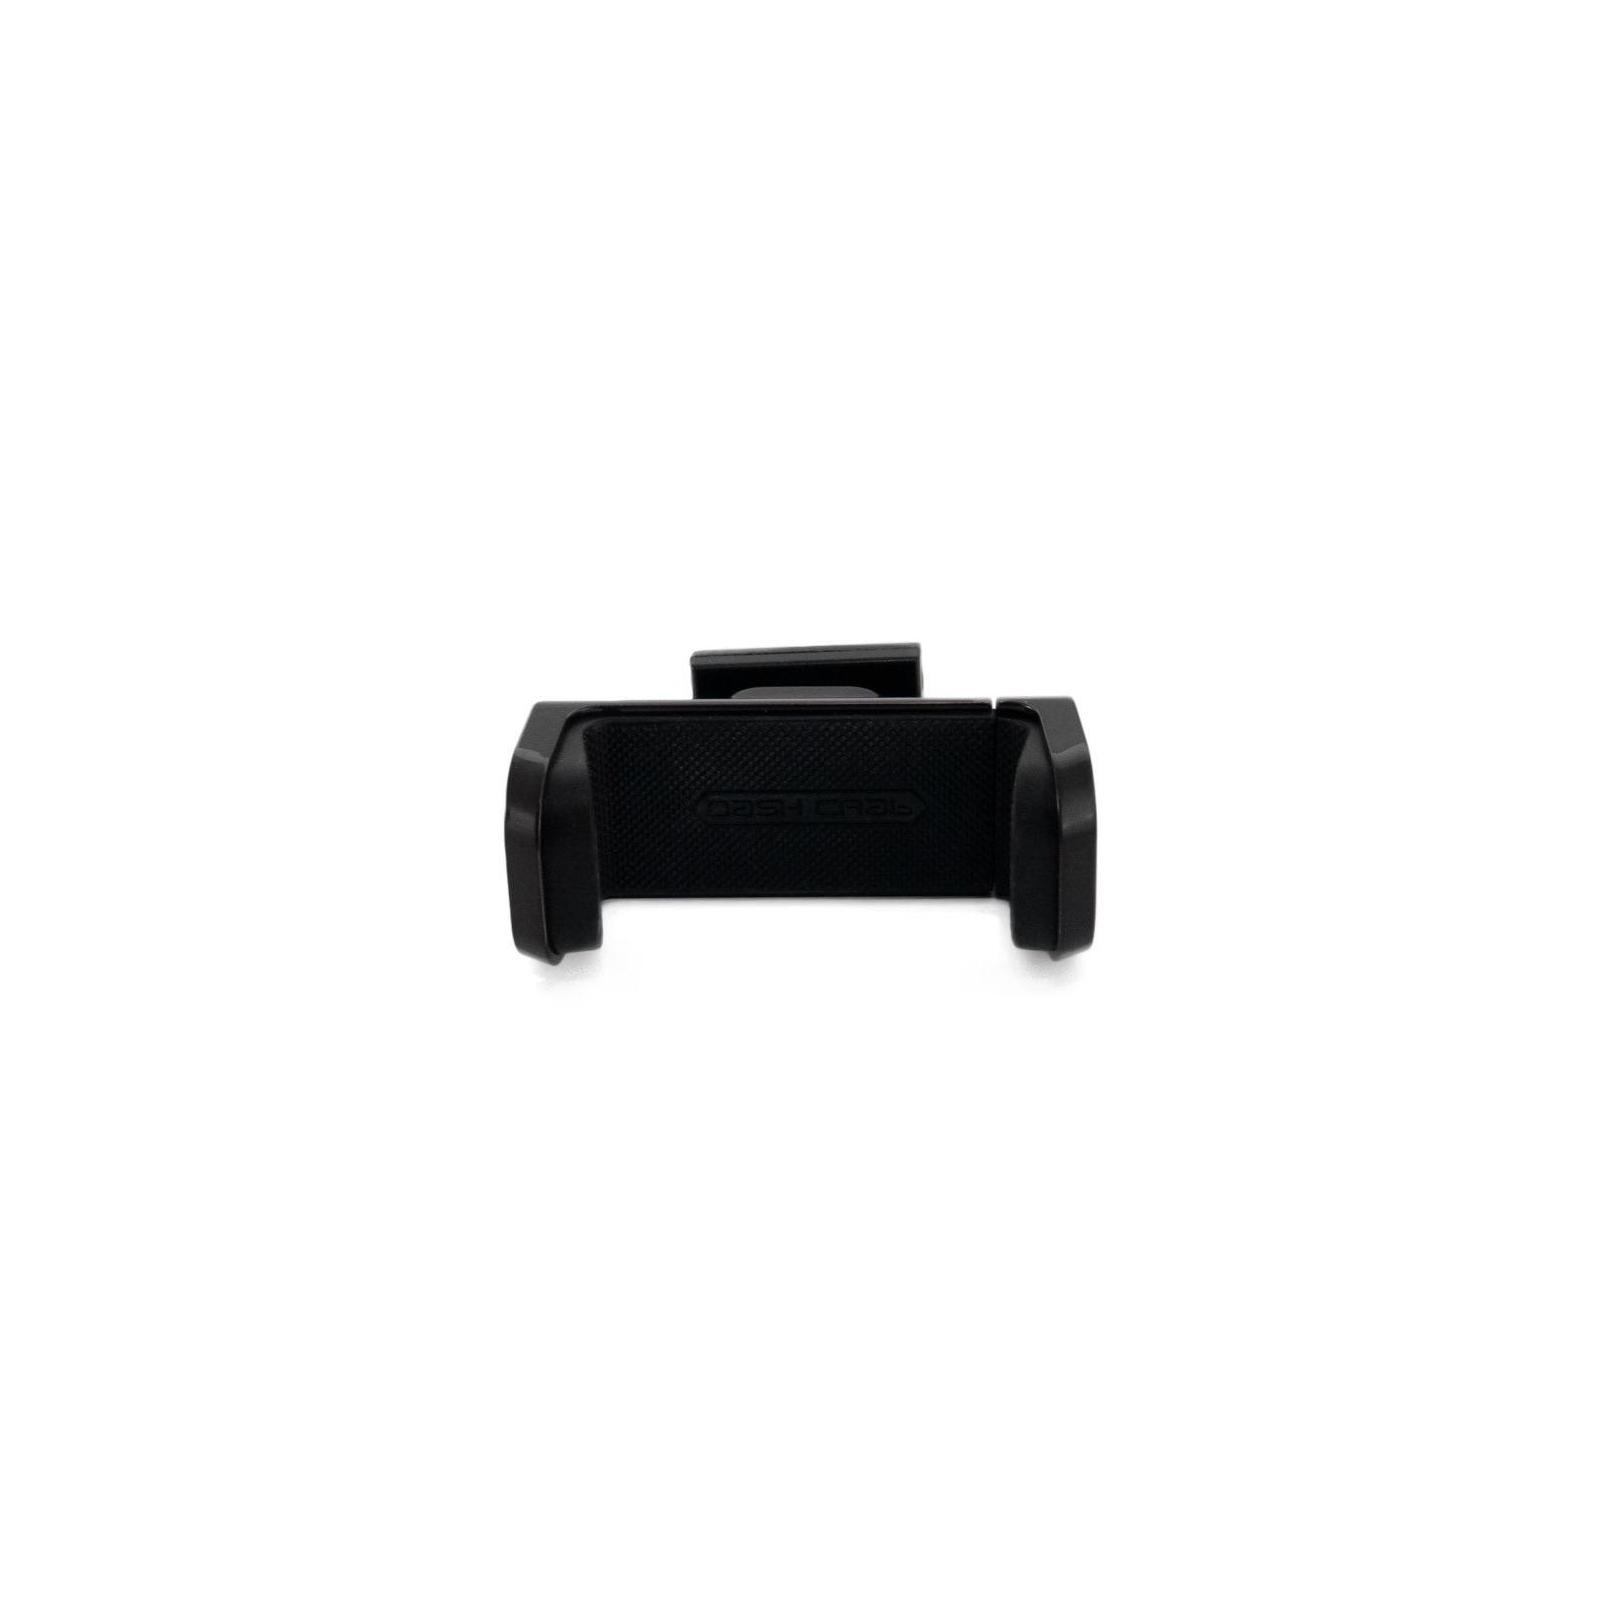 Универсальный автодержатель EXTRADIGITAL DashCrab Armour Premium Black (CRK4127) изображение 2